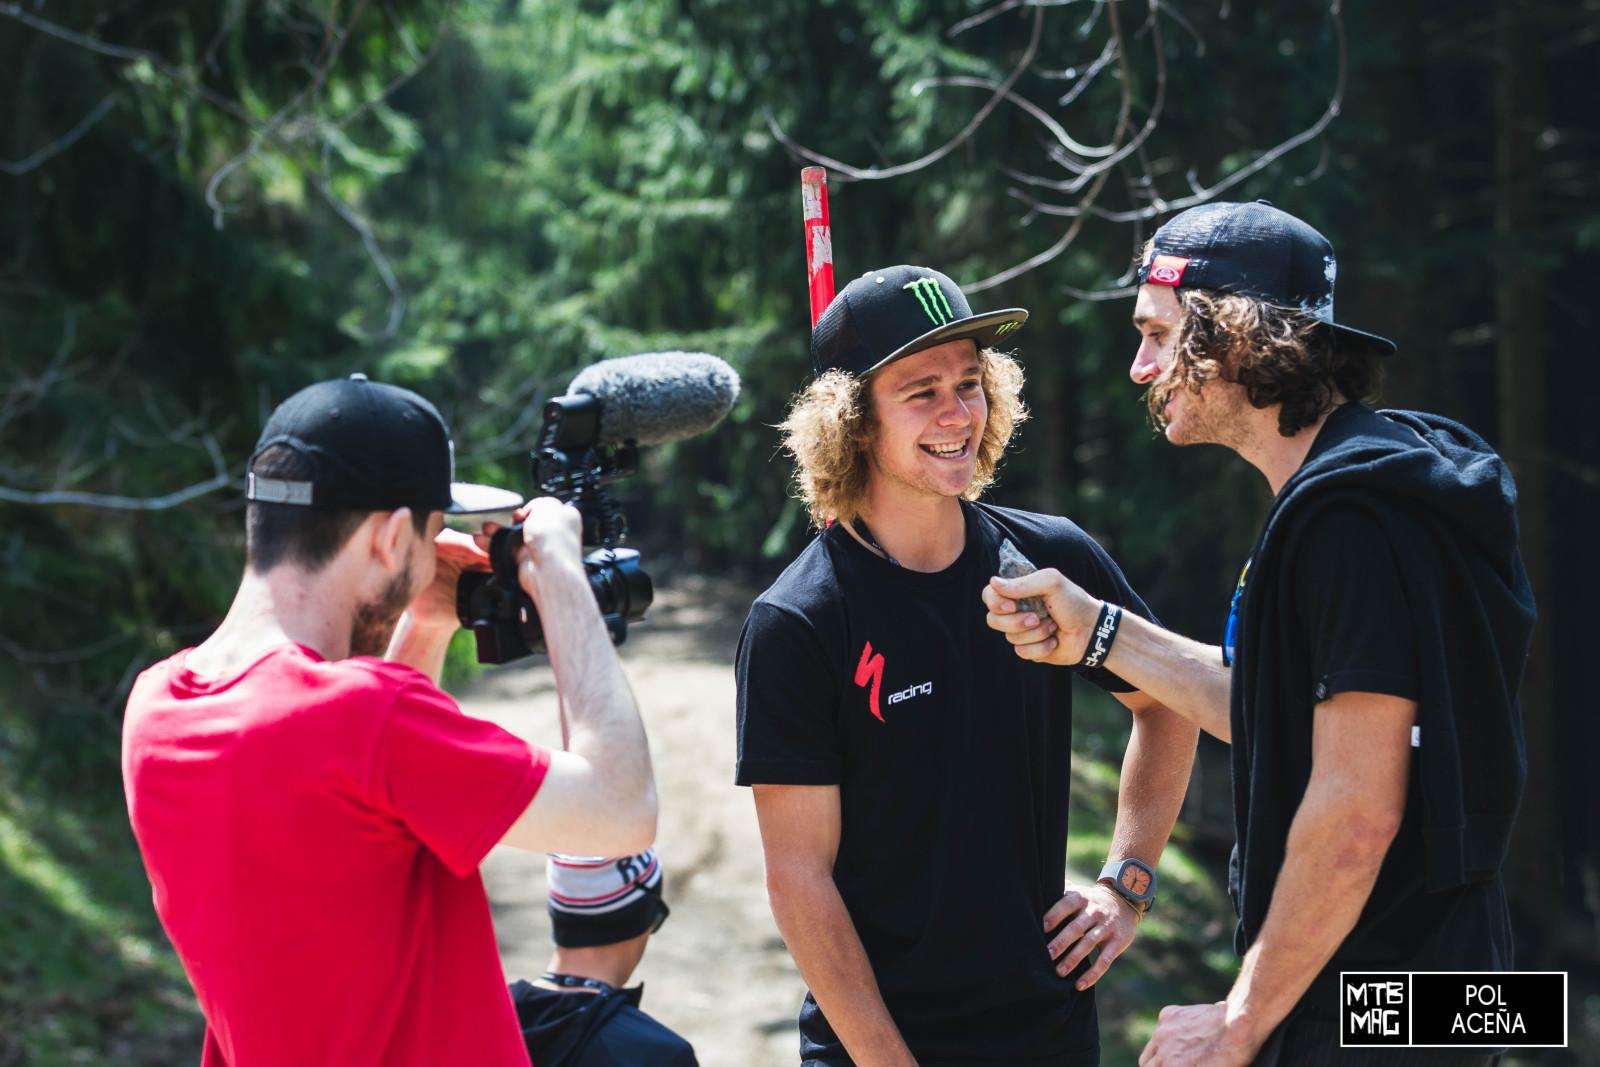 Wyn Masters es toda una personalidad en el mundo del descenso, no solo compite, sino que también se dedica a entrevistar a todos los pilotos para su propio programa. Aquí está entrevistando a Troy Brosnan en la rampa del primer road-gap del circuito.